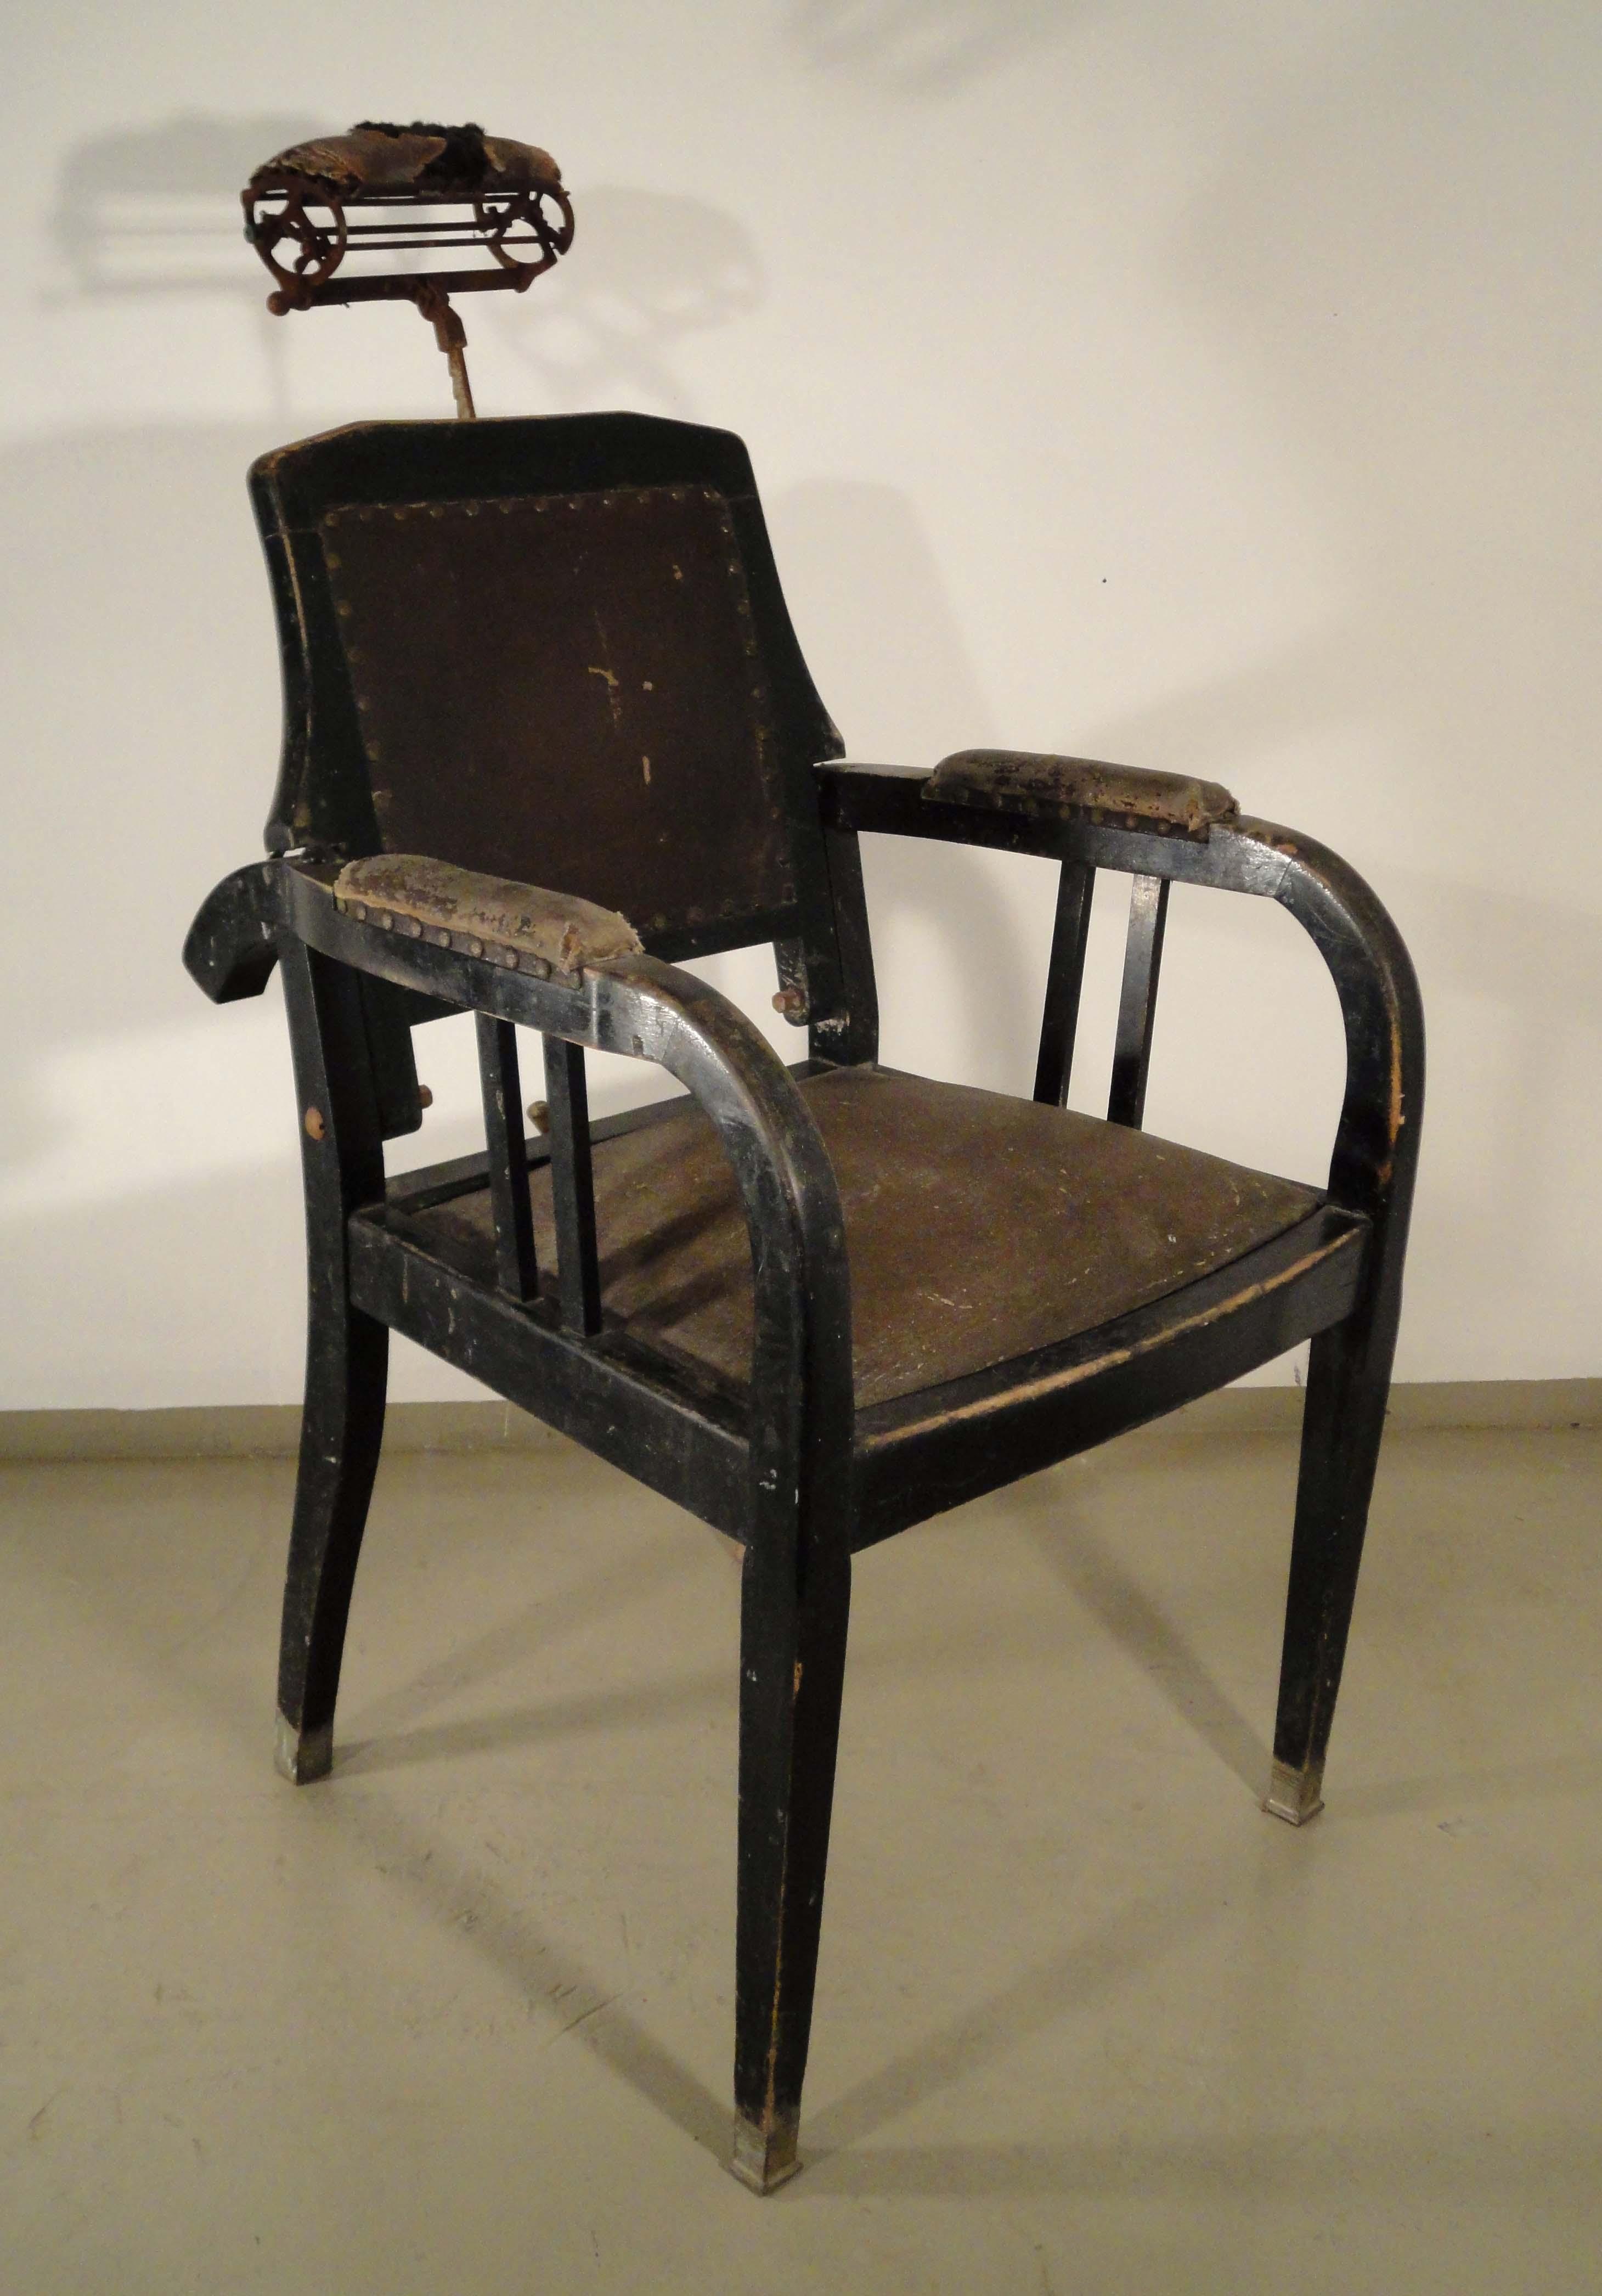 objets bizarres currieux insolites improbables. Black Bedroom Furniture Sets. Home Design Ideas